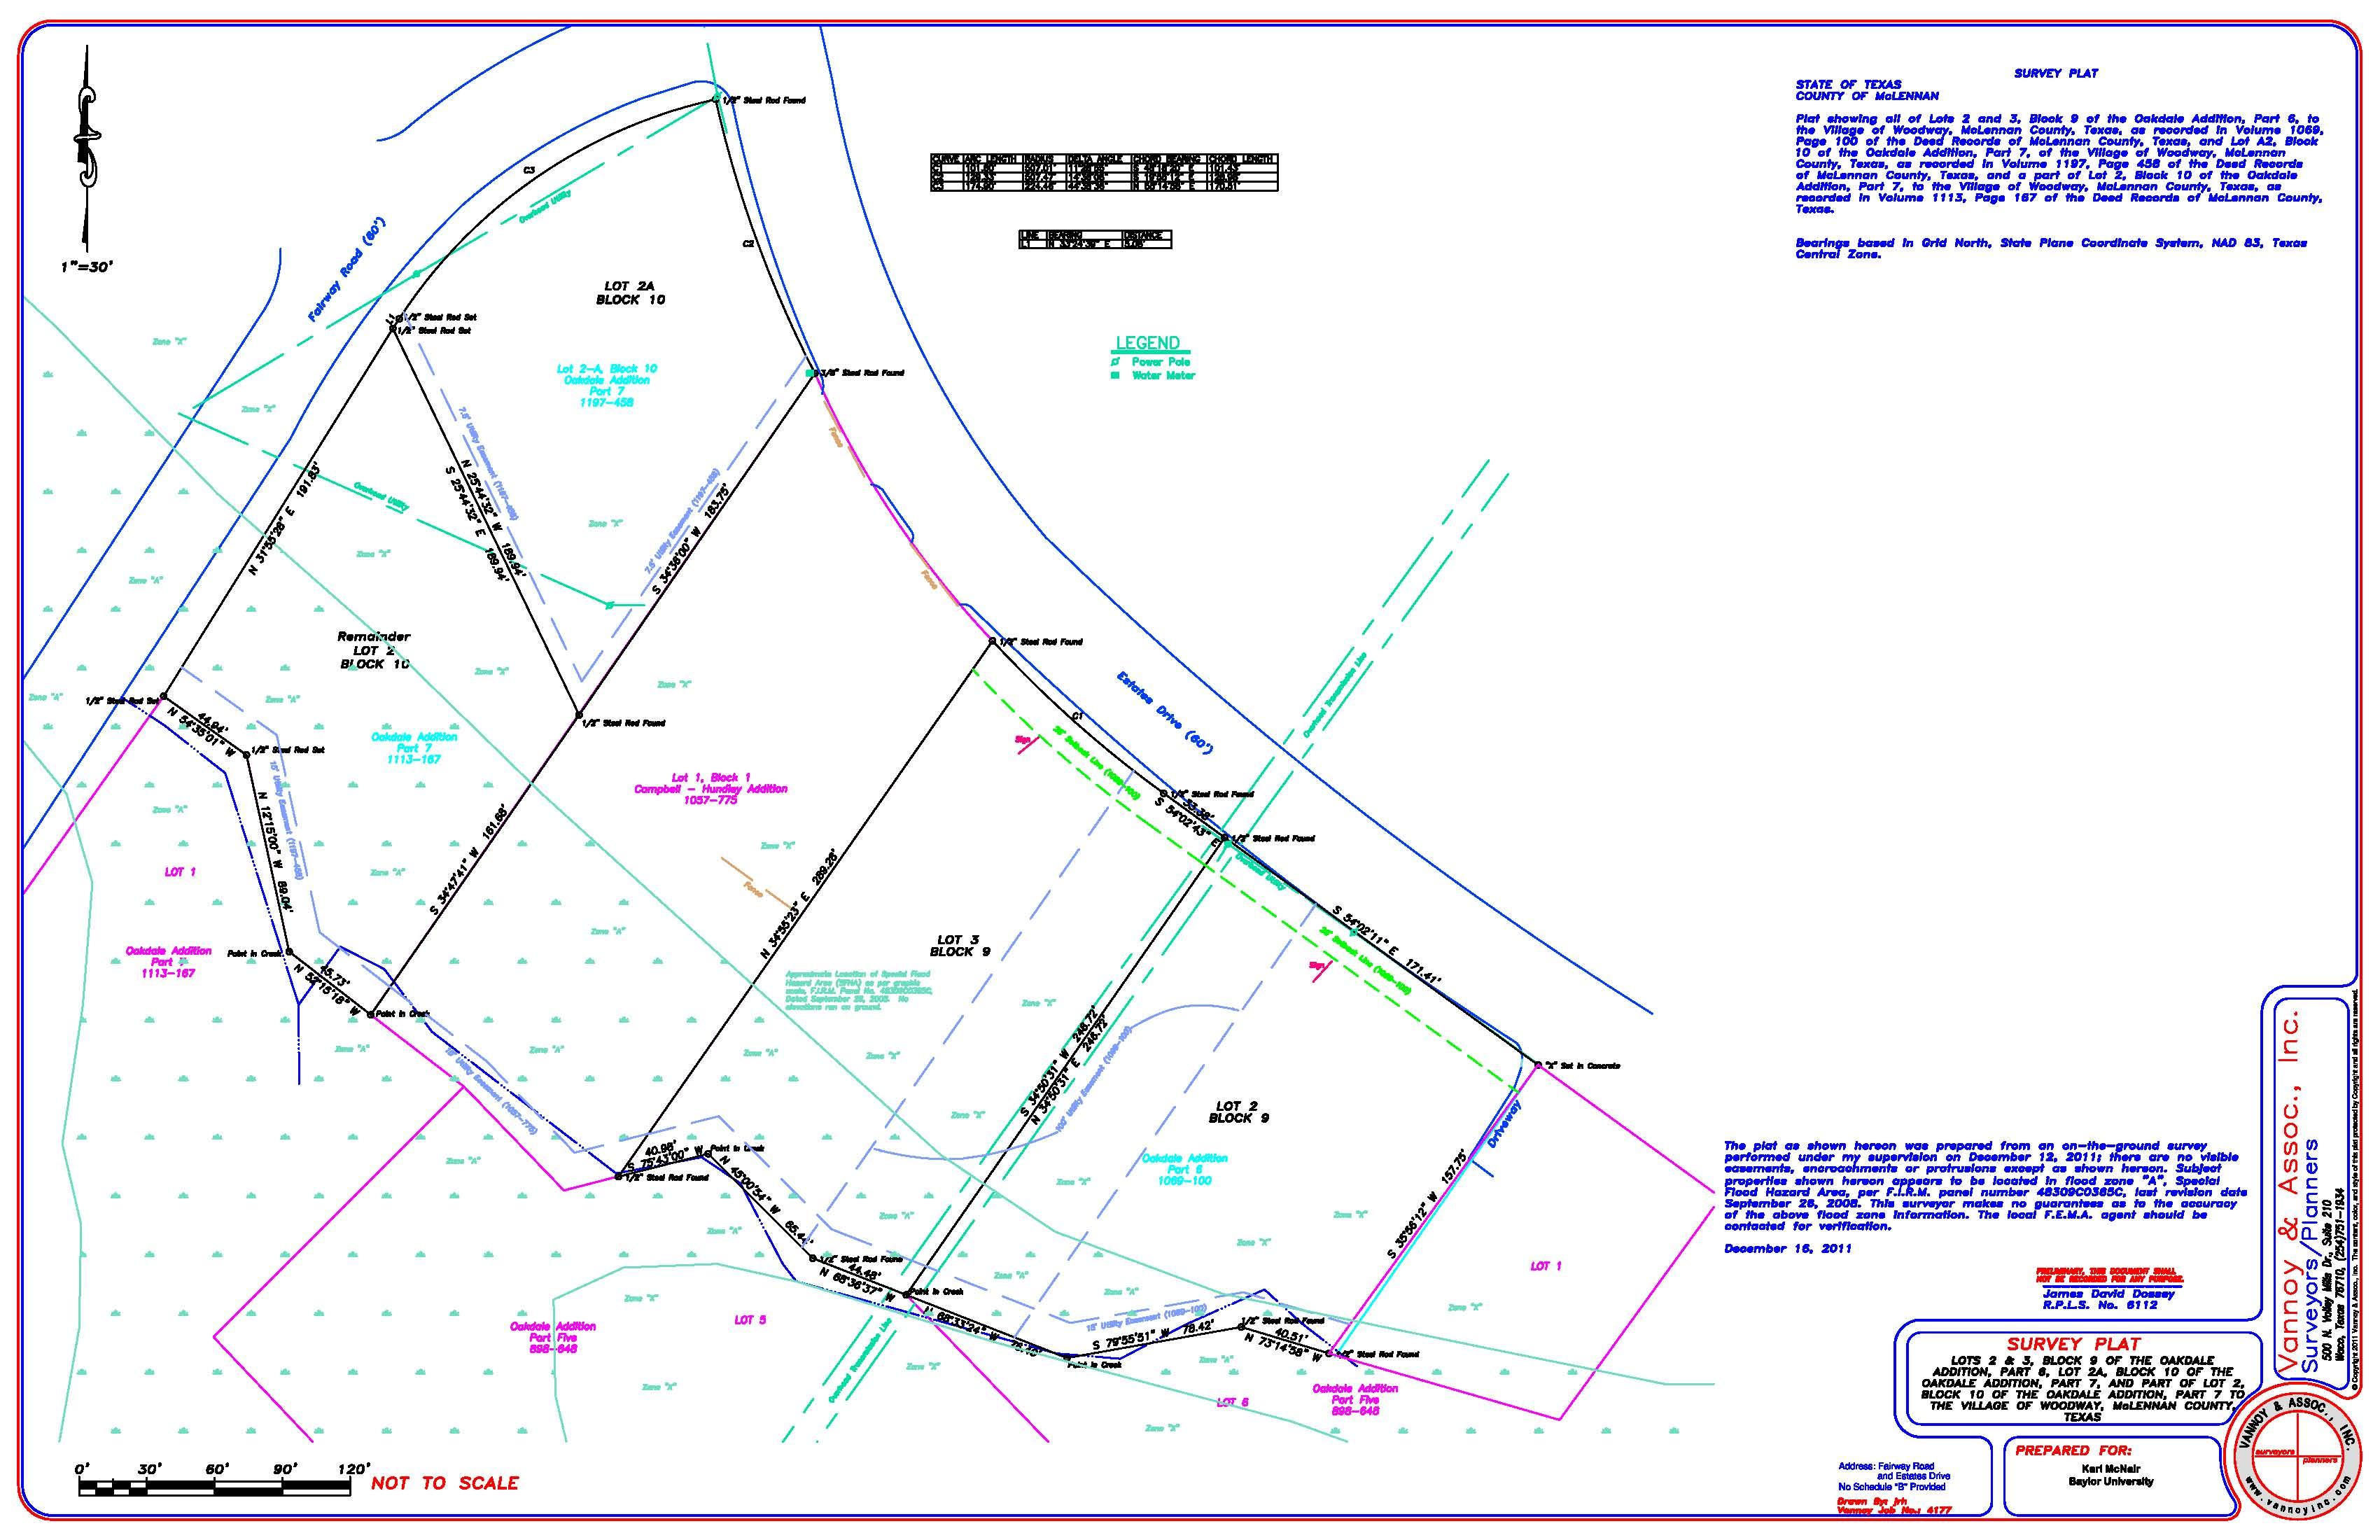 Woodway - Estates Lots Survey